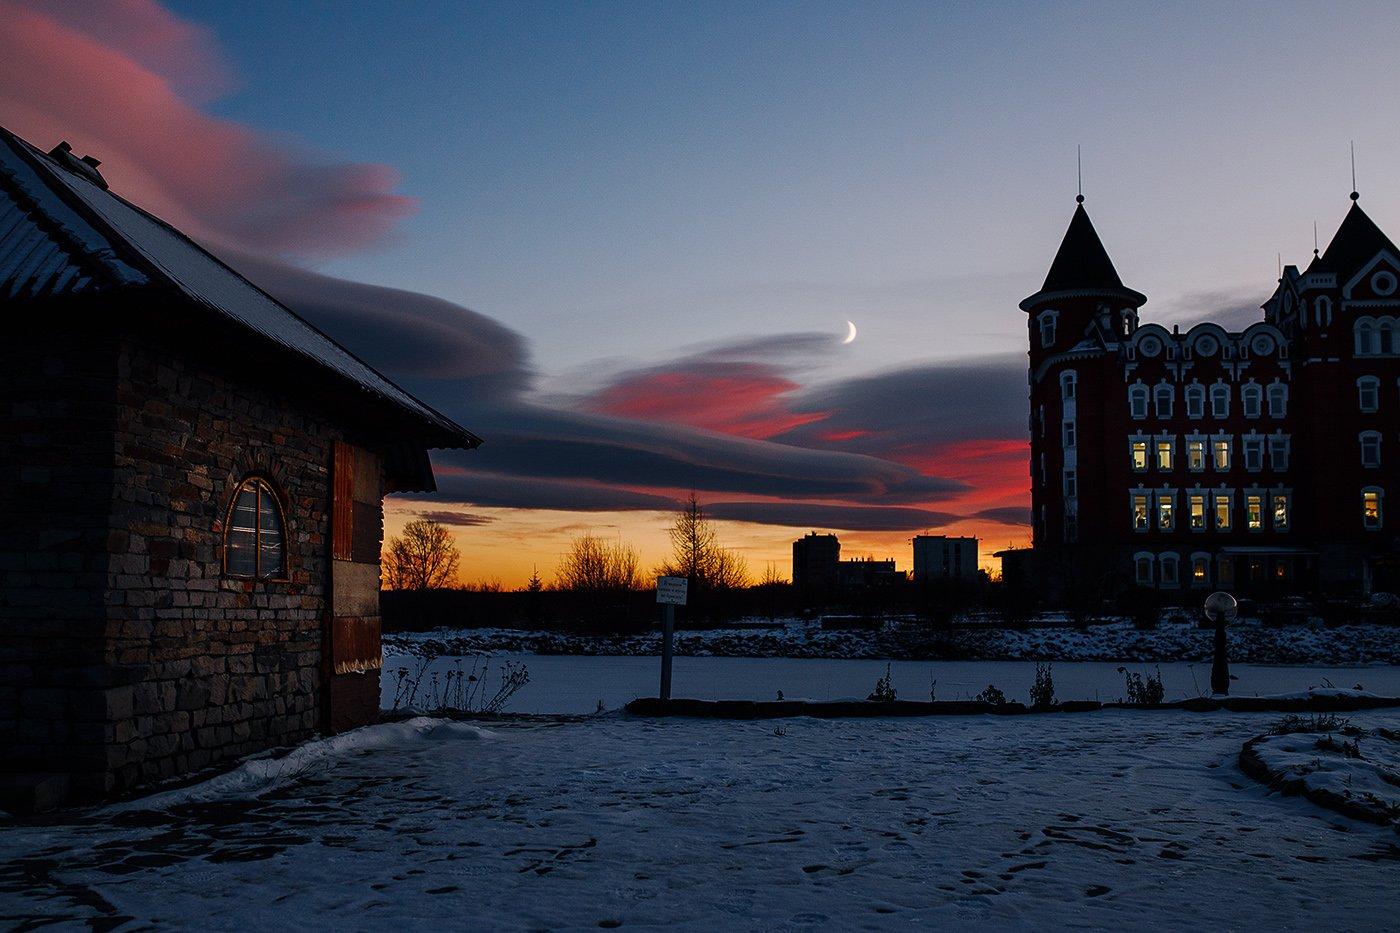 россия, урал, златоуст, вечер, небо, закат, Евгений Толкачёв